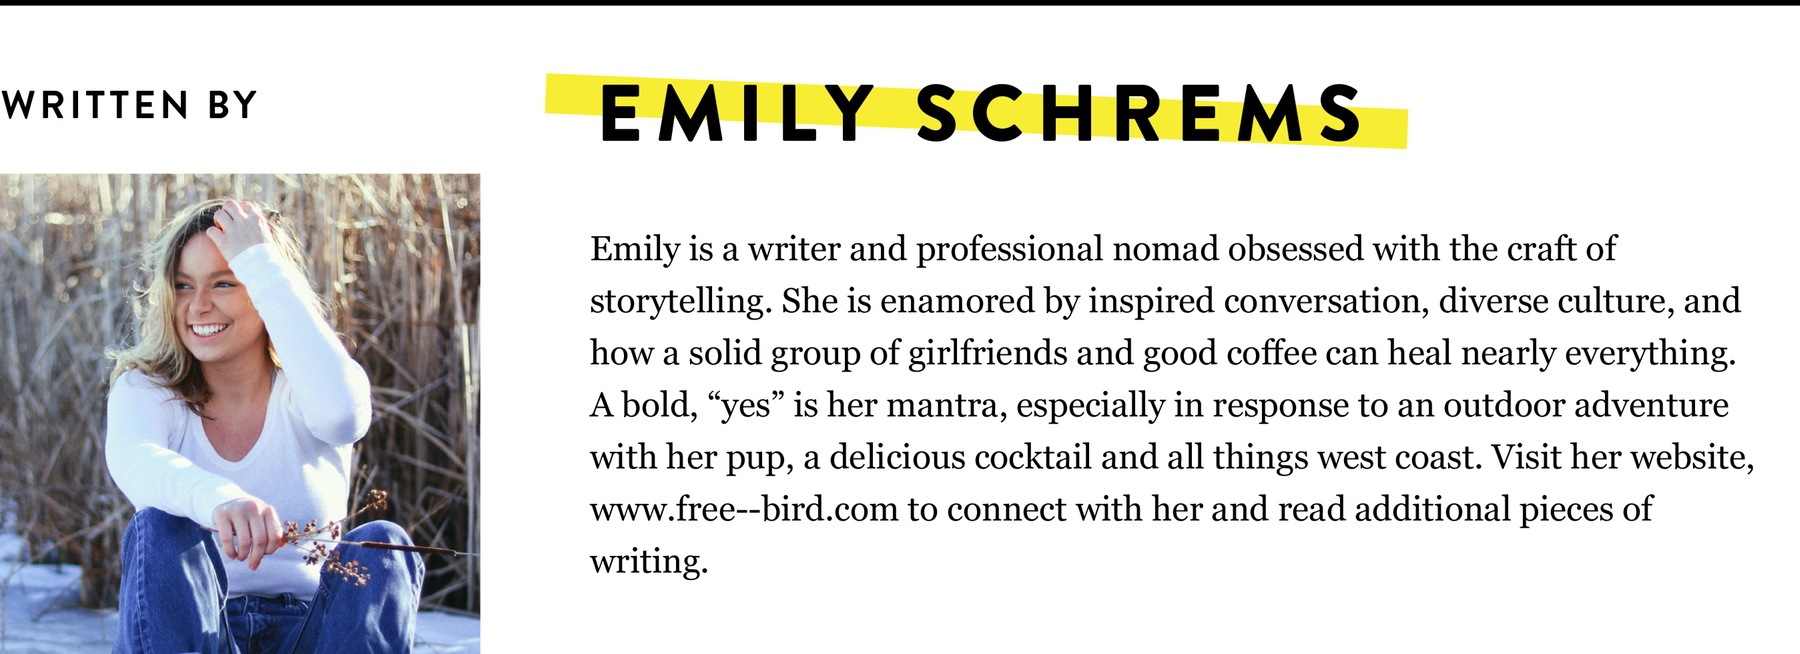 EMILY SCHREMS BIO